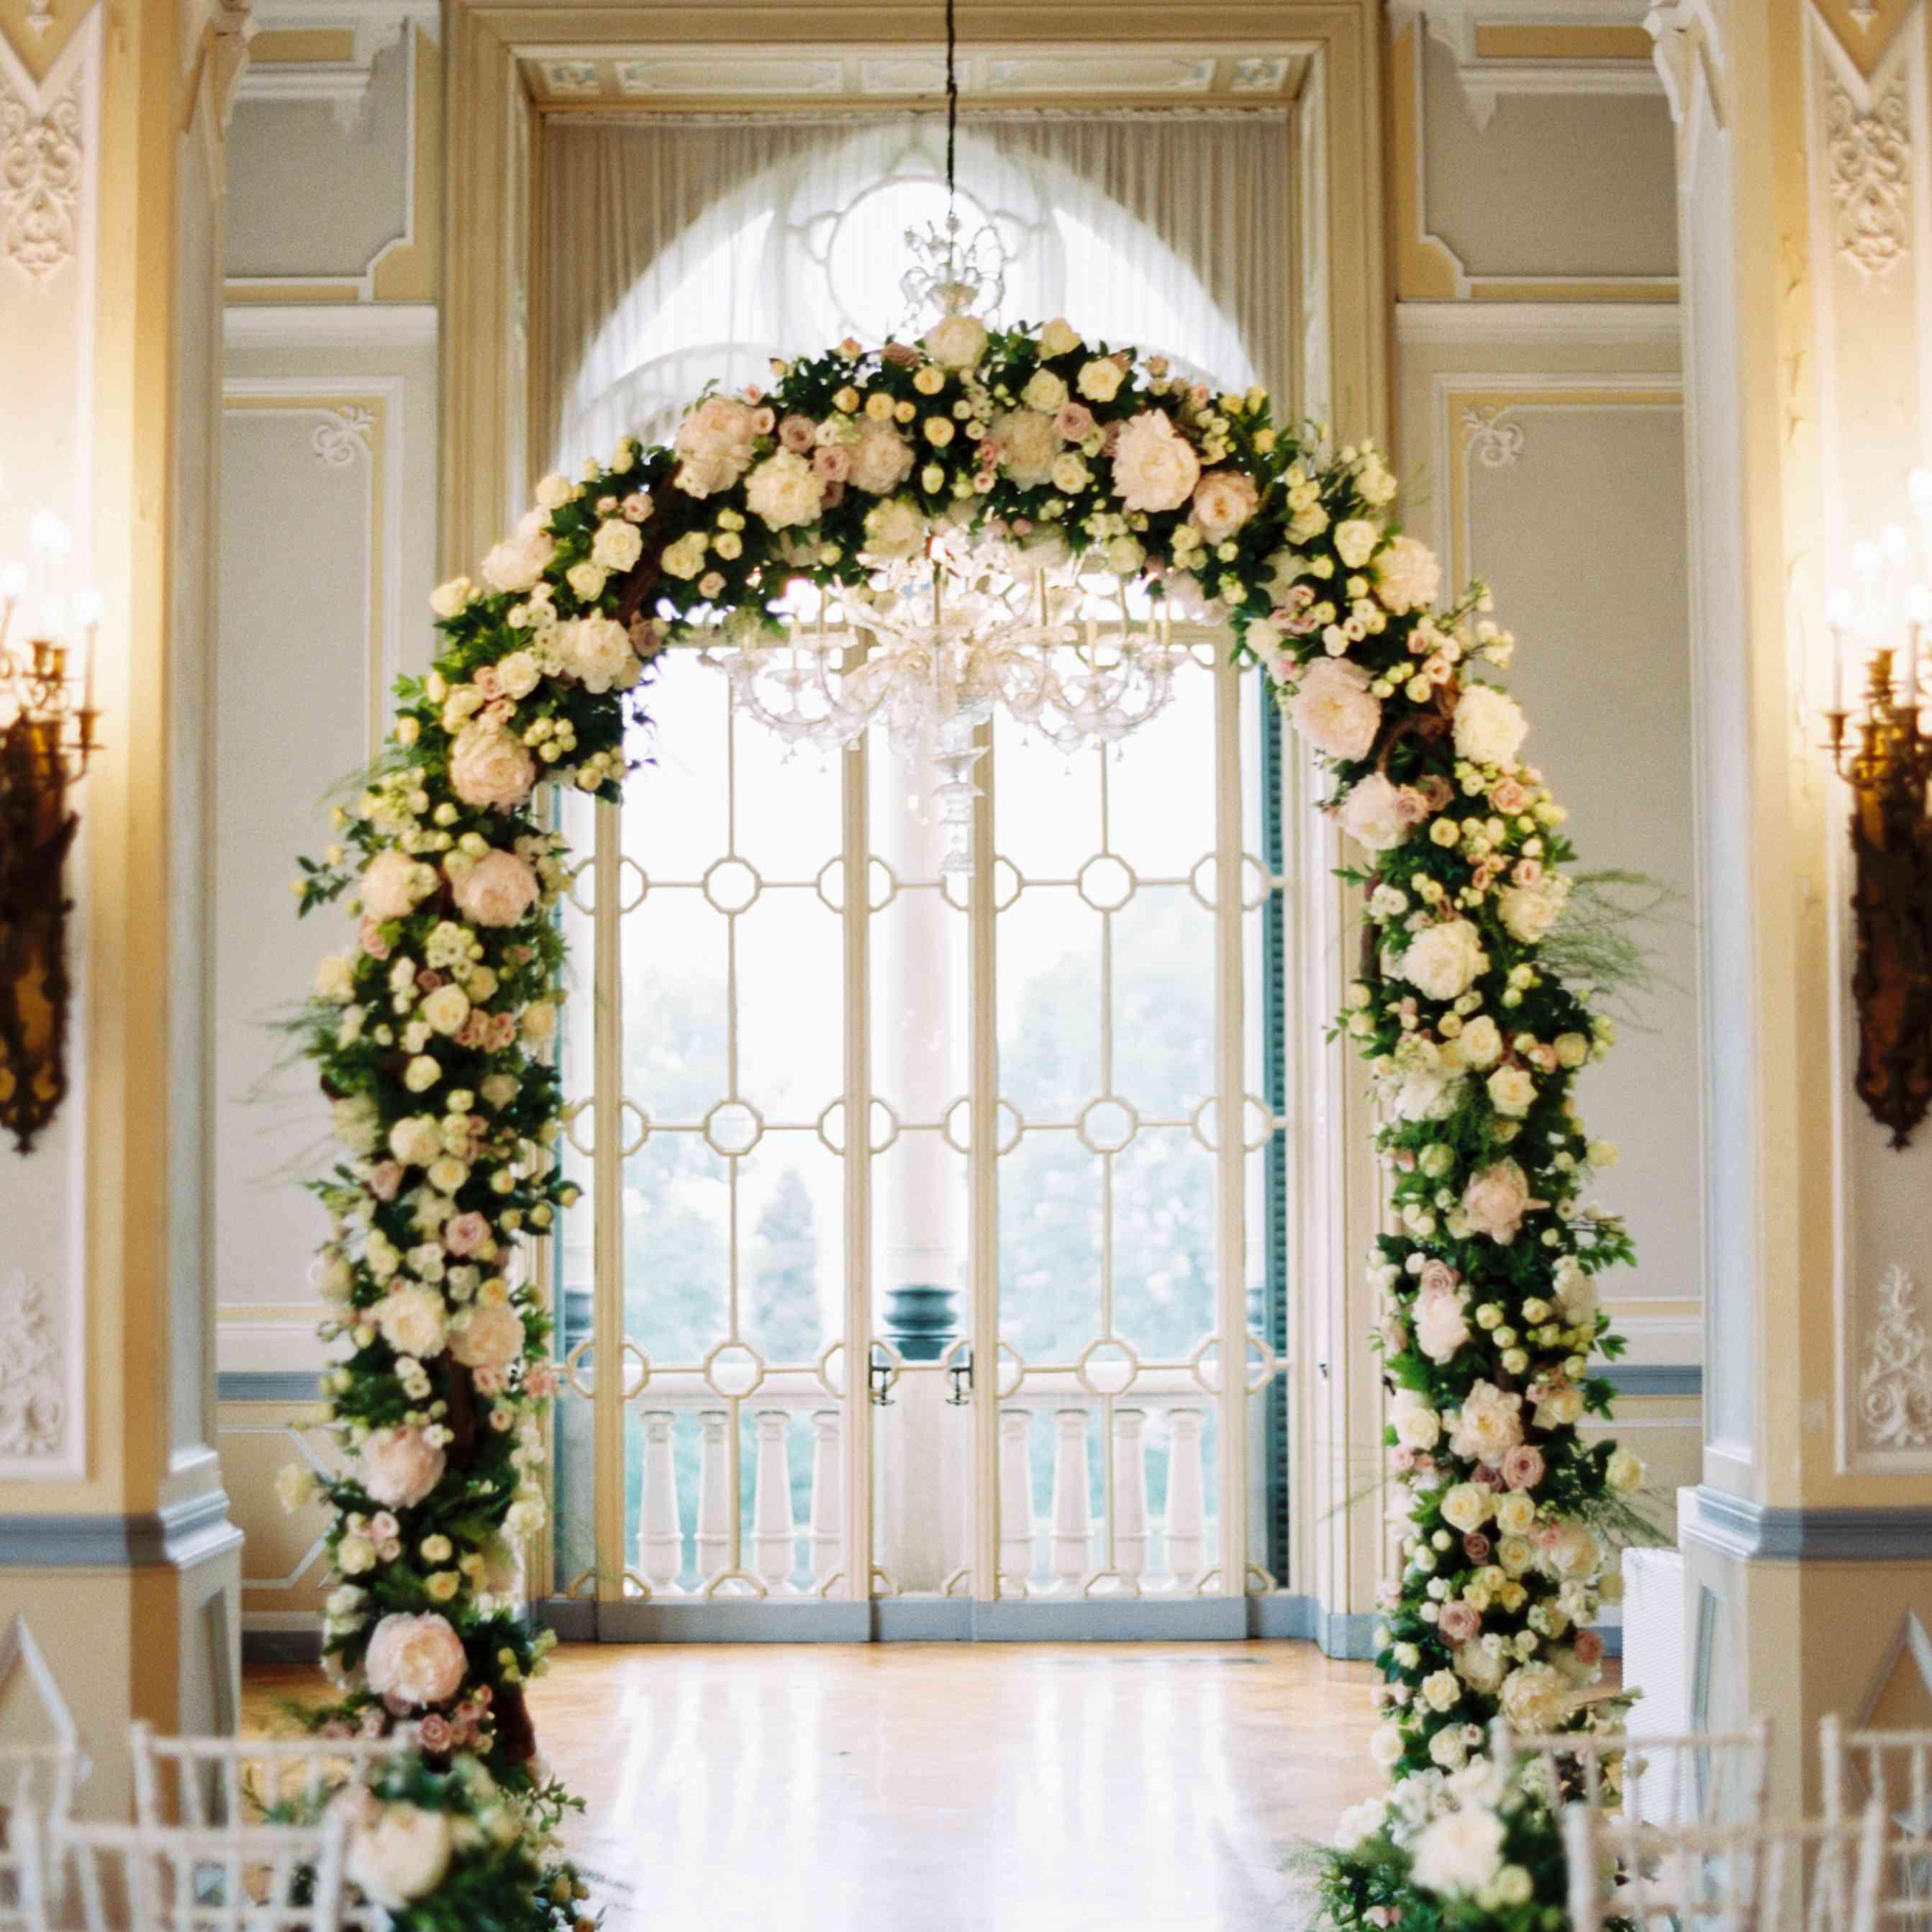 Northern Italian Wedding, Floral Arch